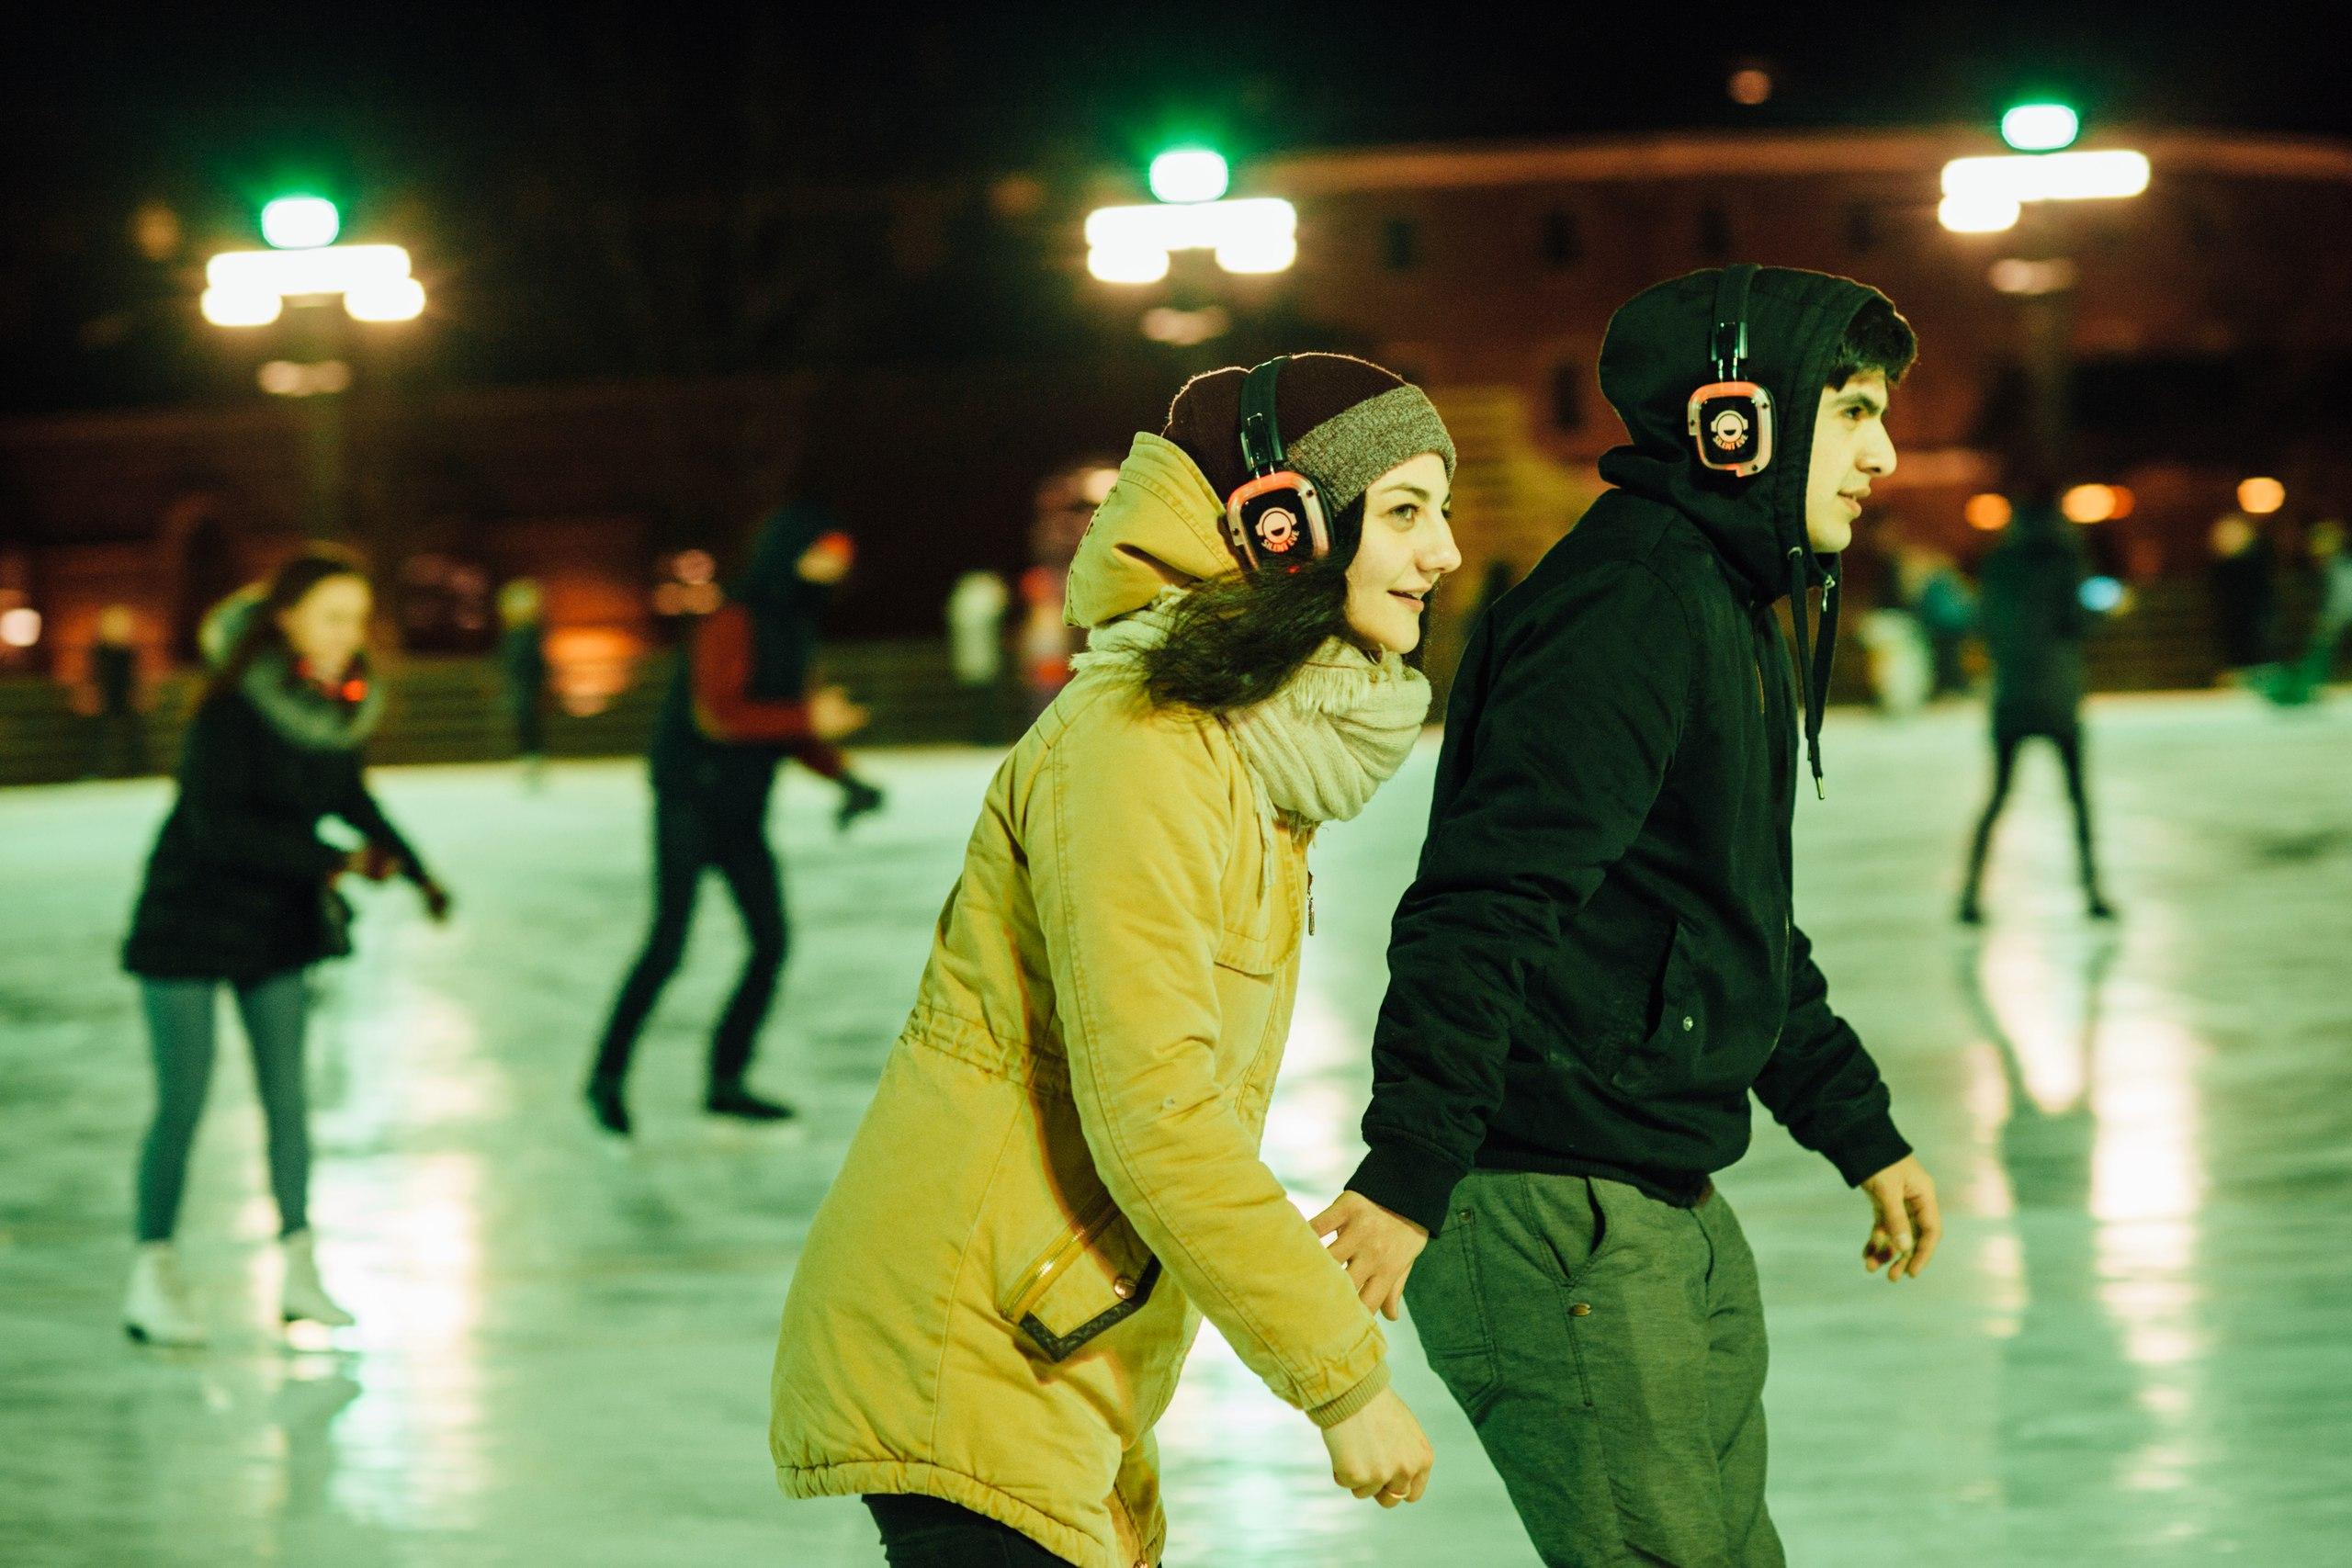 Silent Skating Rink USA